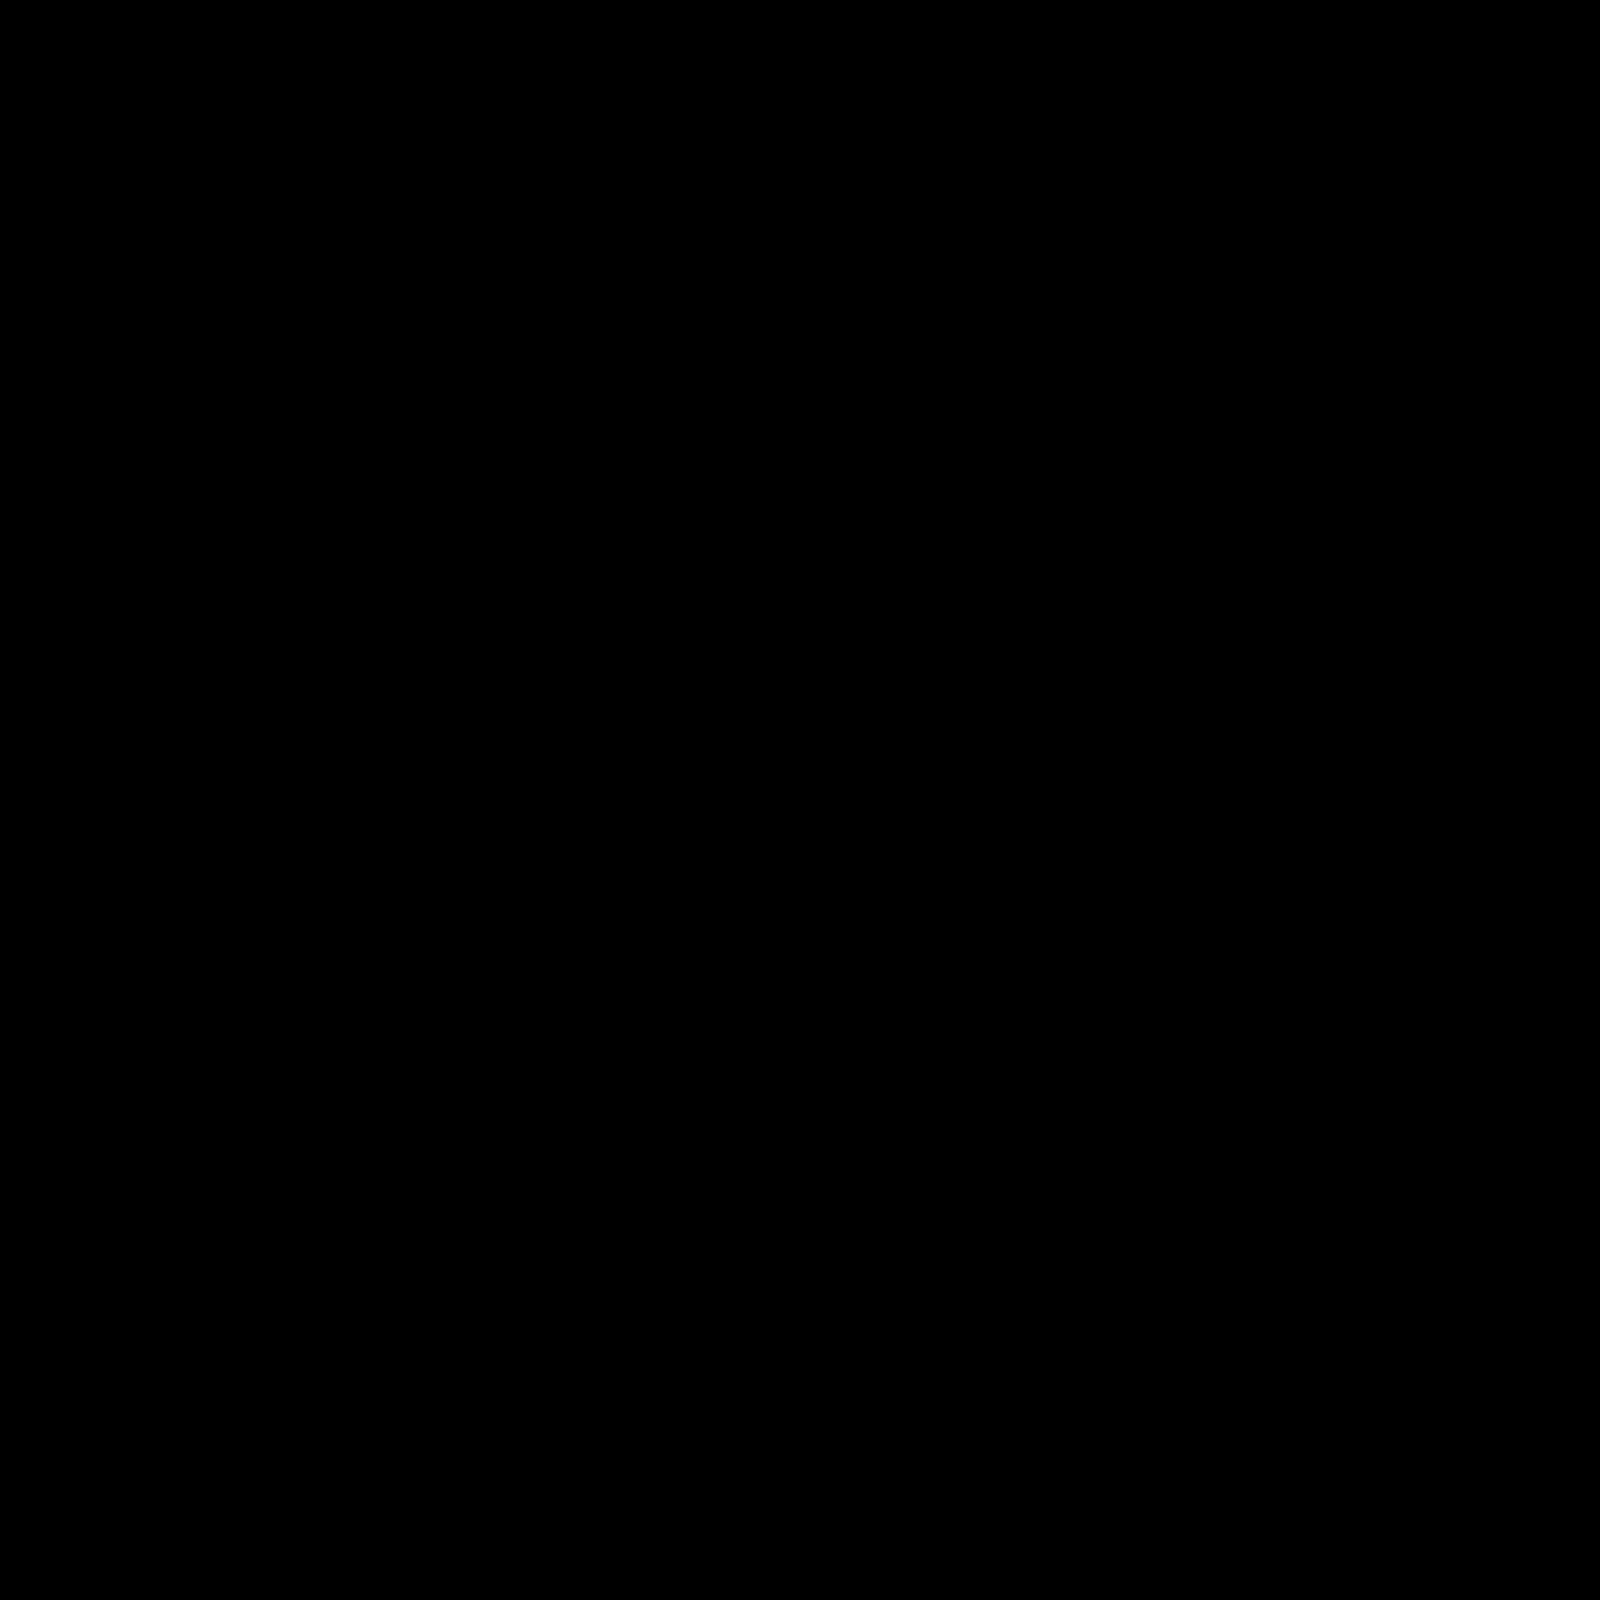 Tiananmen icon